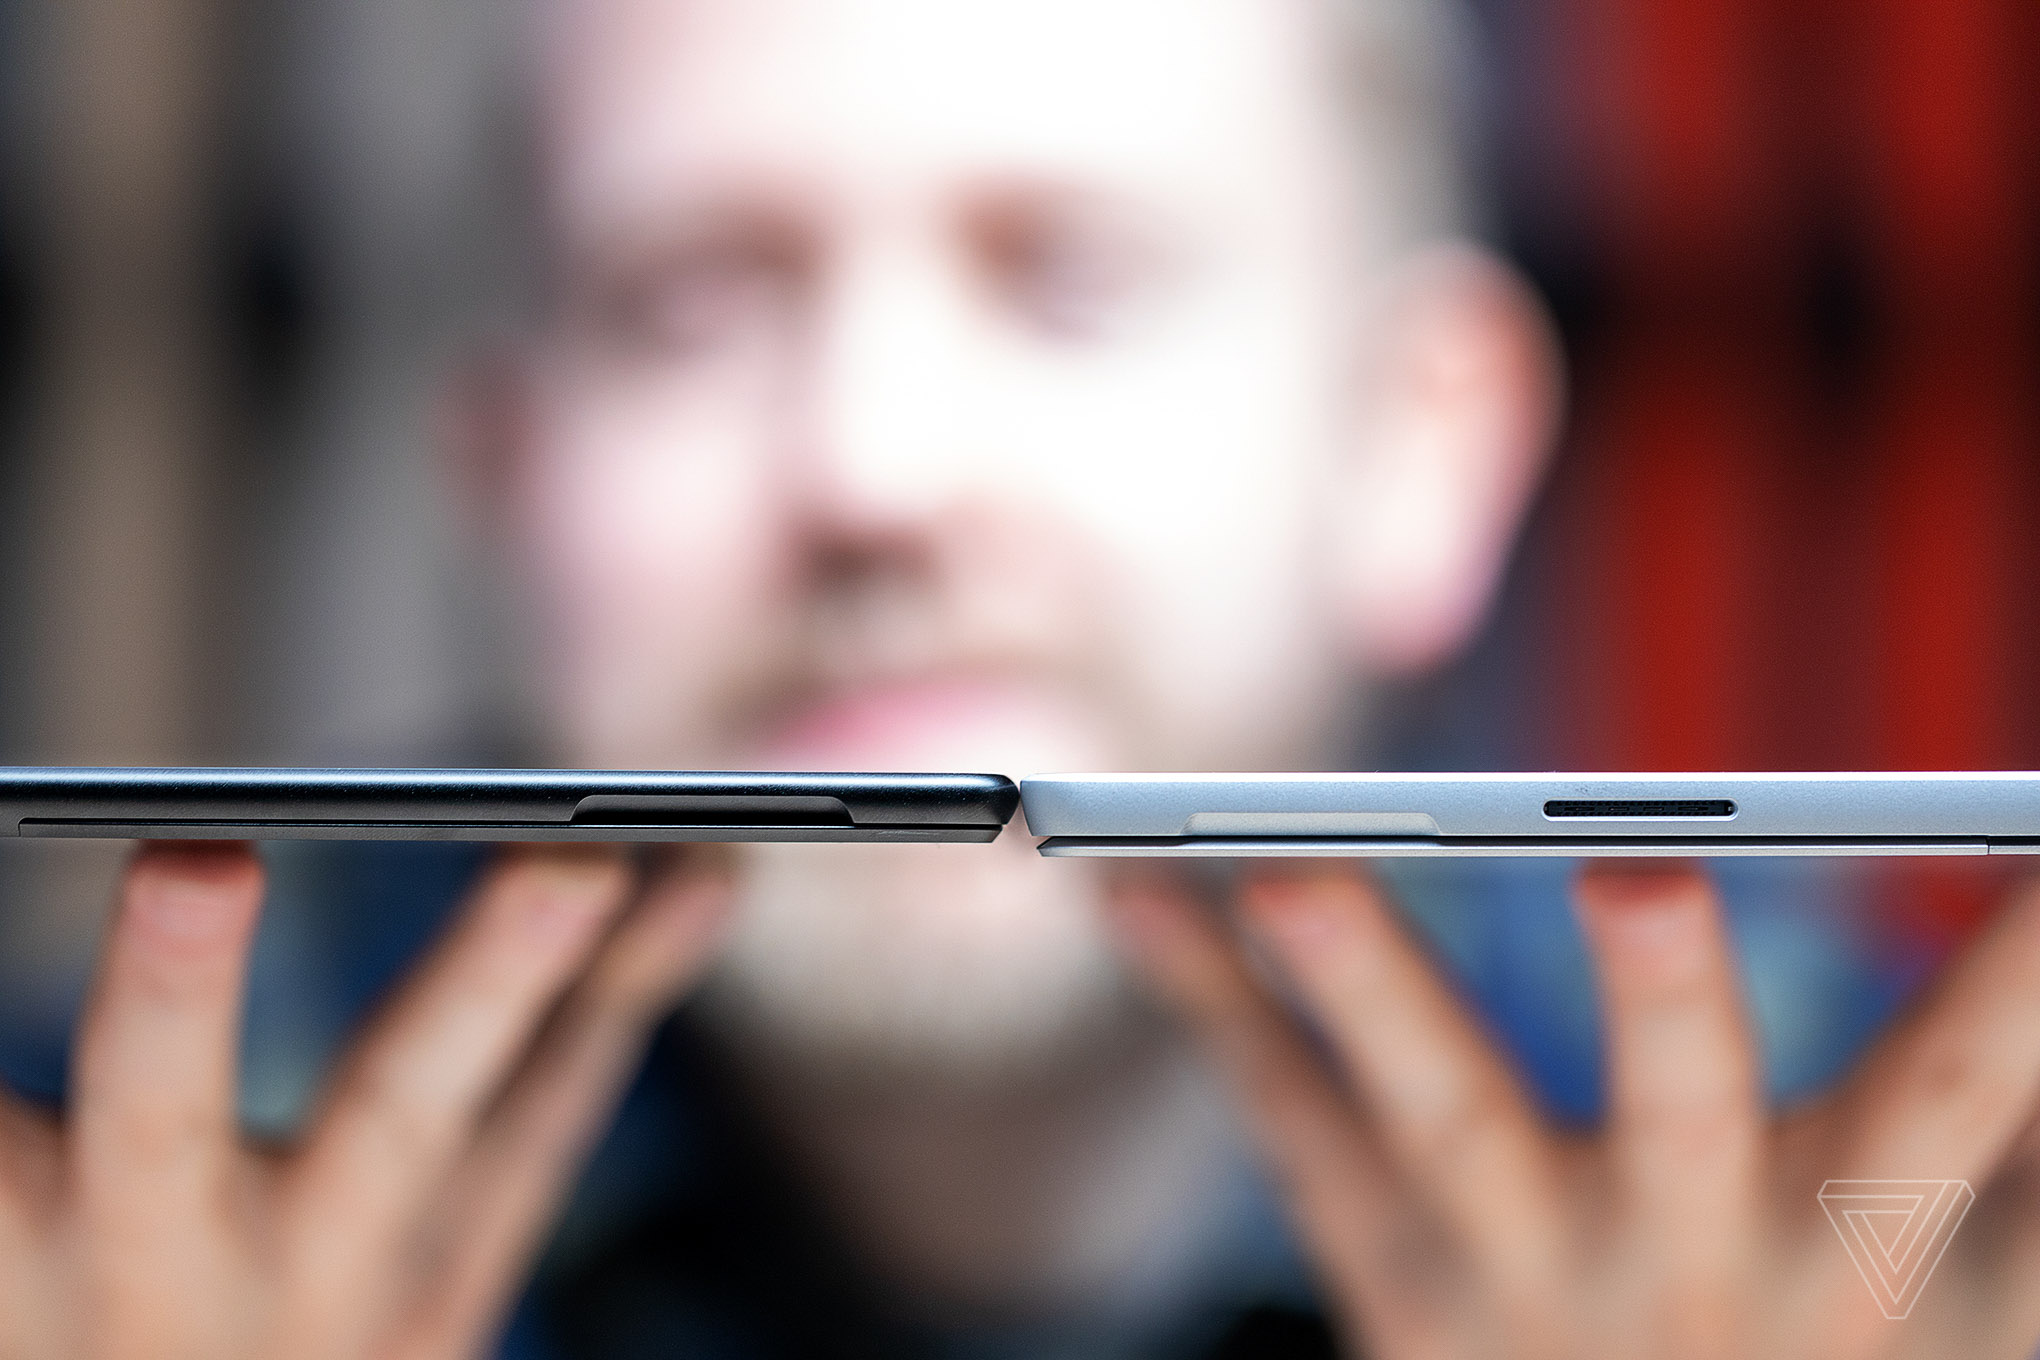 Cả hai đều mạnh mẽ và mỏng nhẹ: chọn Surface Pro X hay Surface Pro 7?